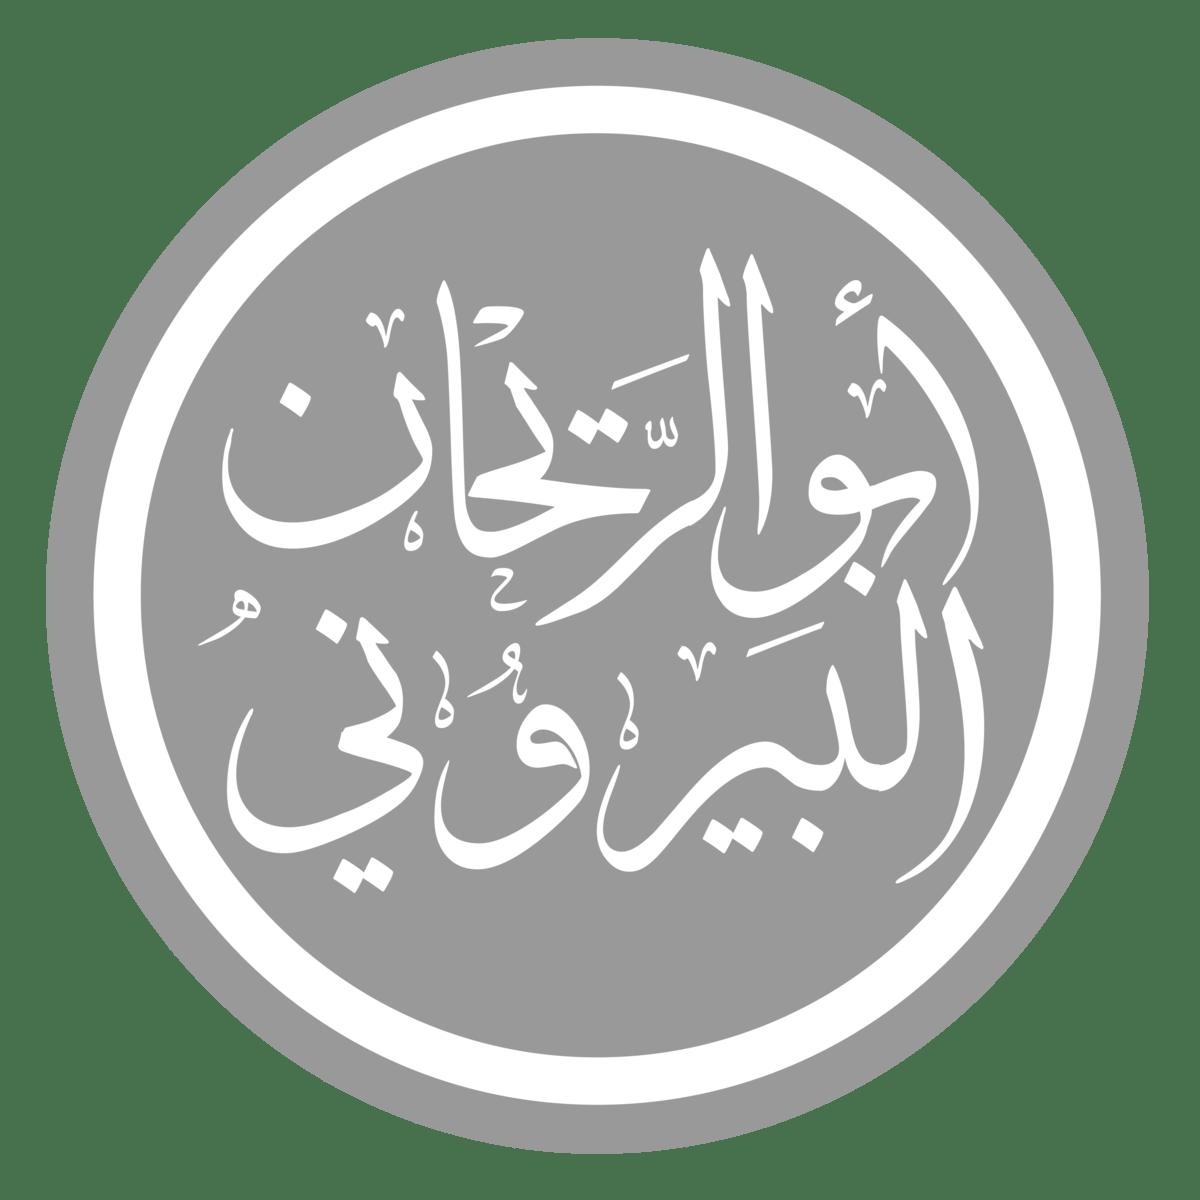 أبو الريحان البيروني ويكيبيديا